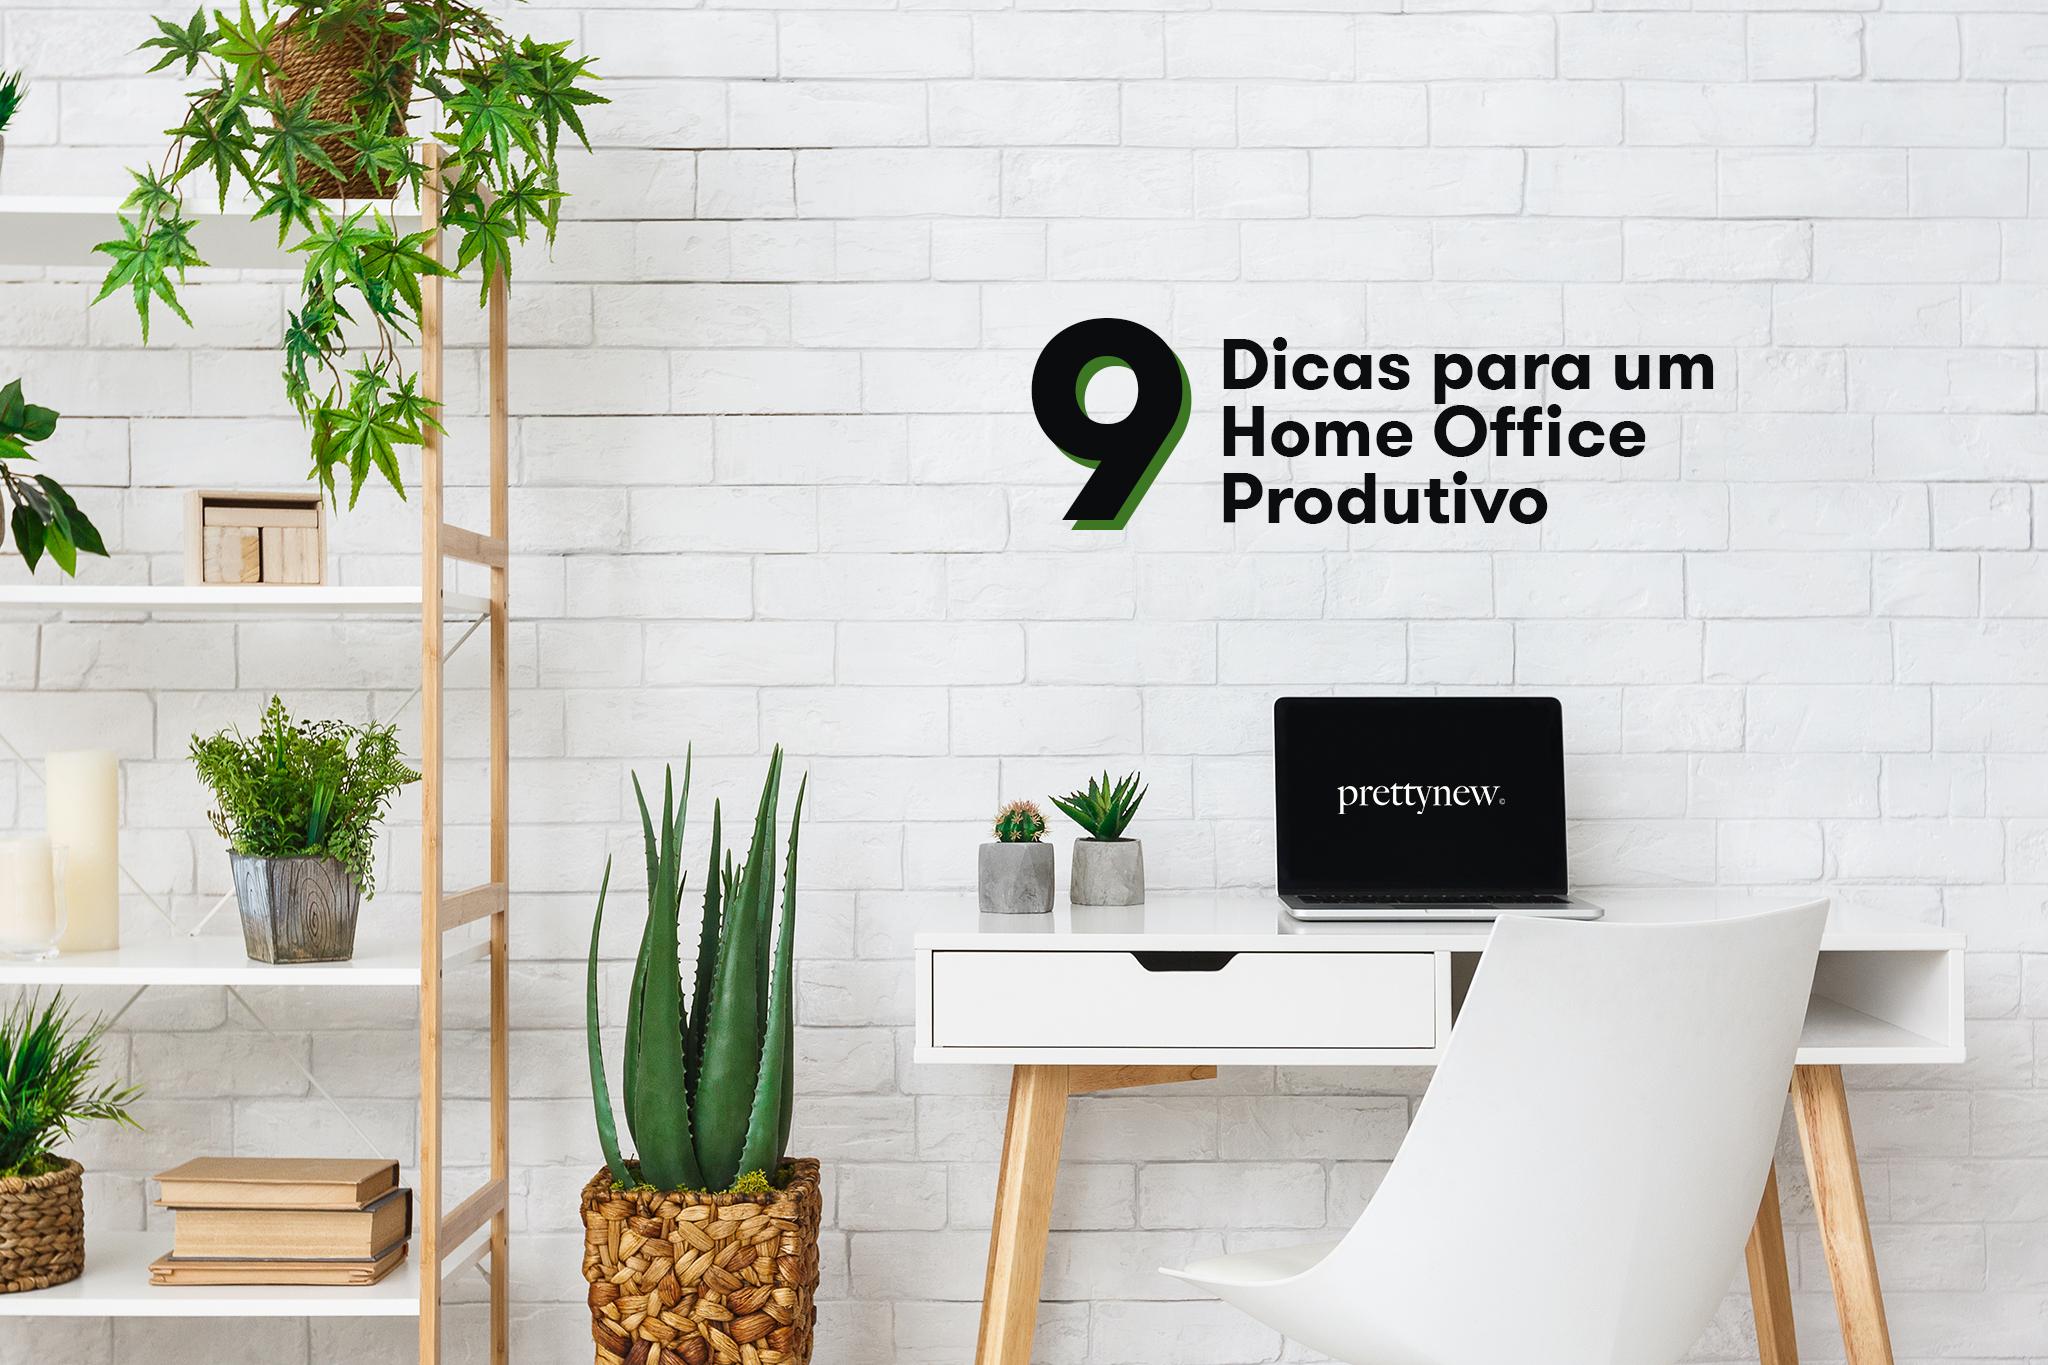 Home Office Produtivo